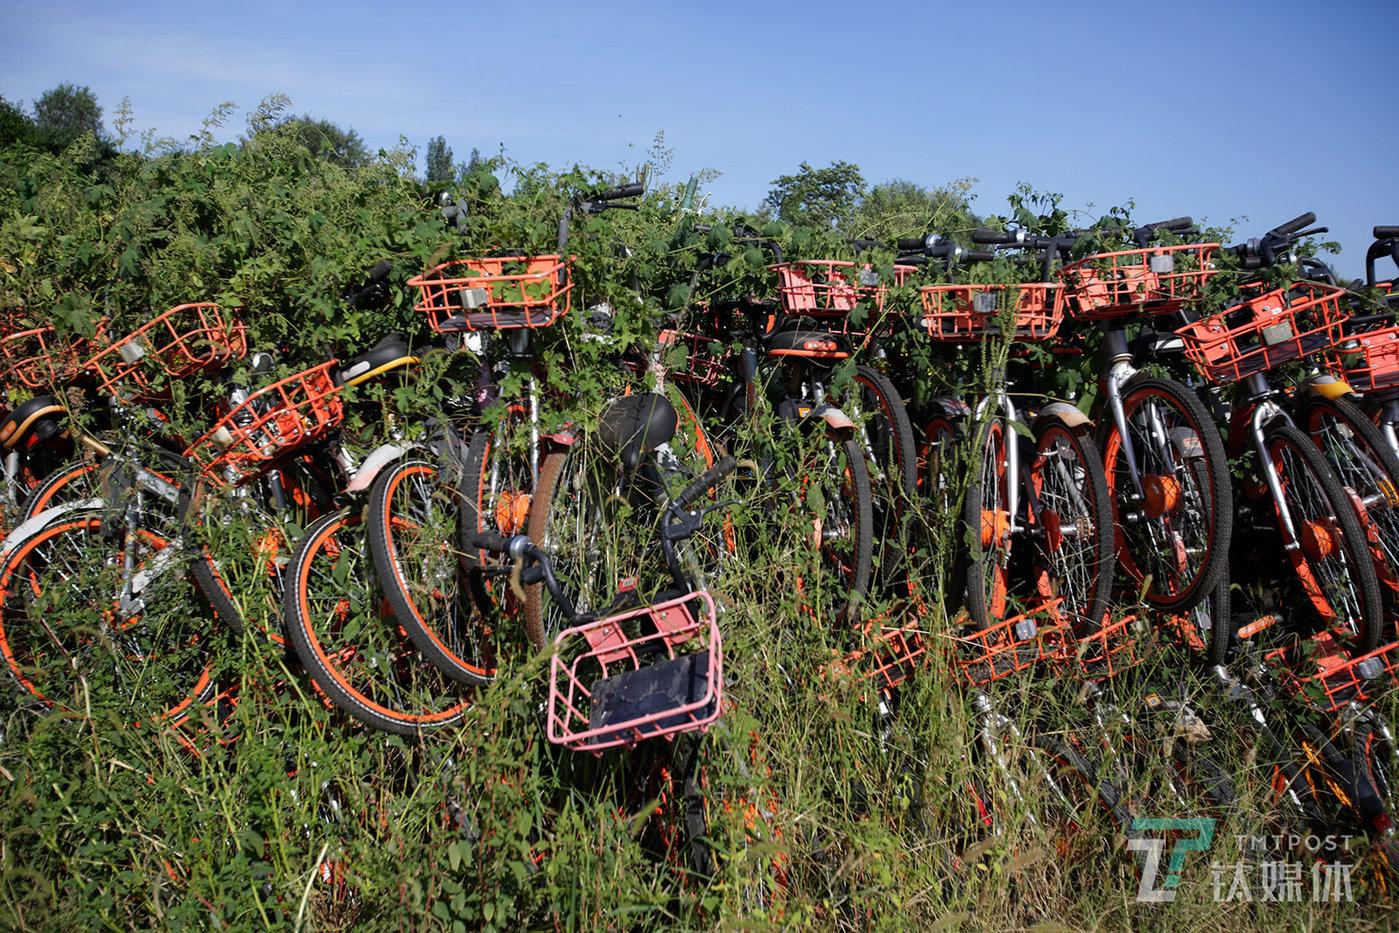 【野蛮生长】9月4日,北京丰台区王佐镇瓦窑村一个废弃砖窑厂空地,野蛮生长的藤蔓缠绕着堆积的共享单车。